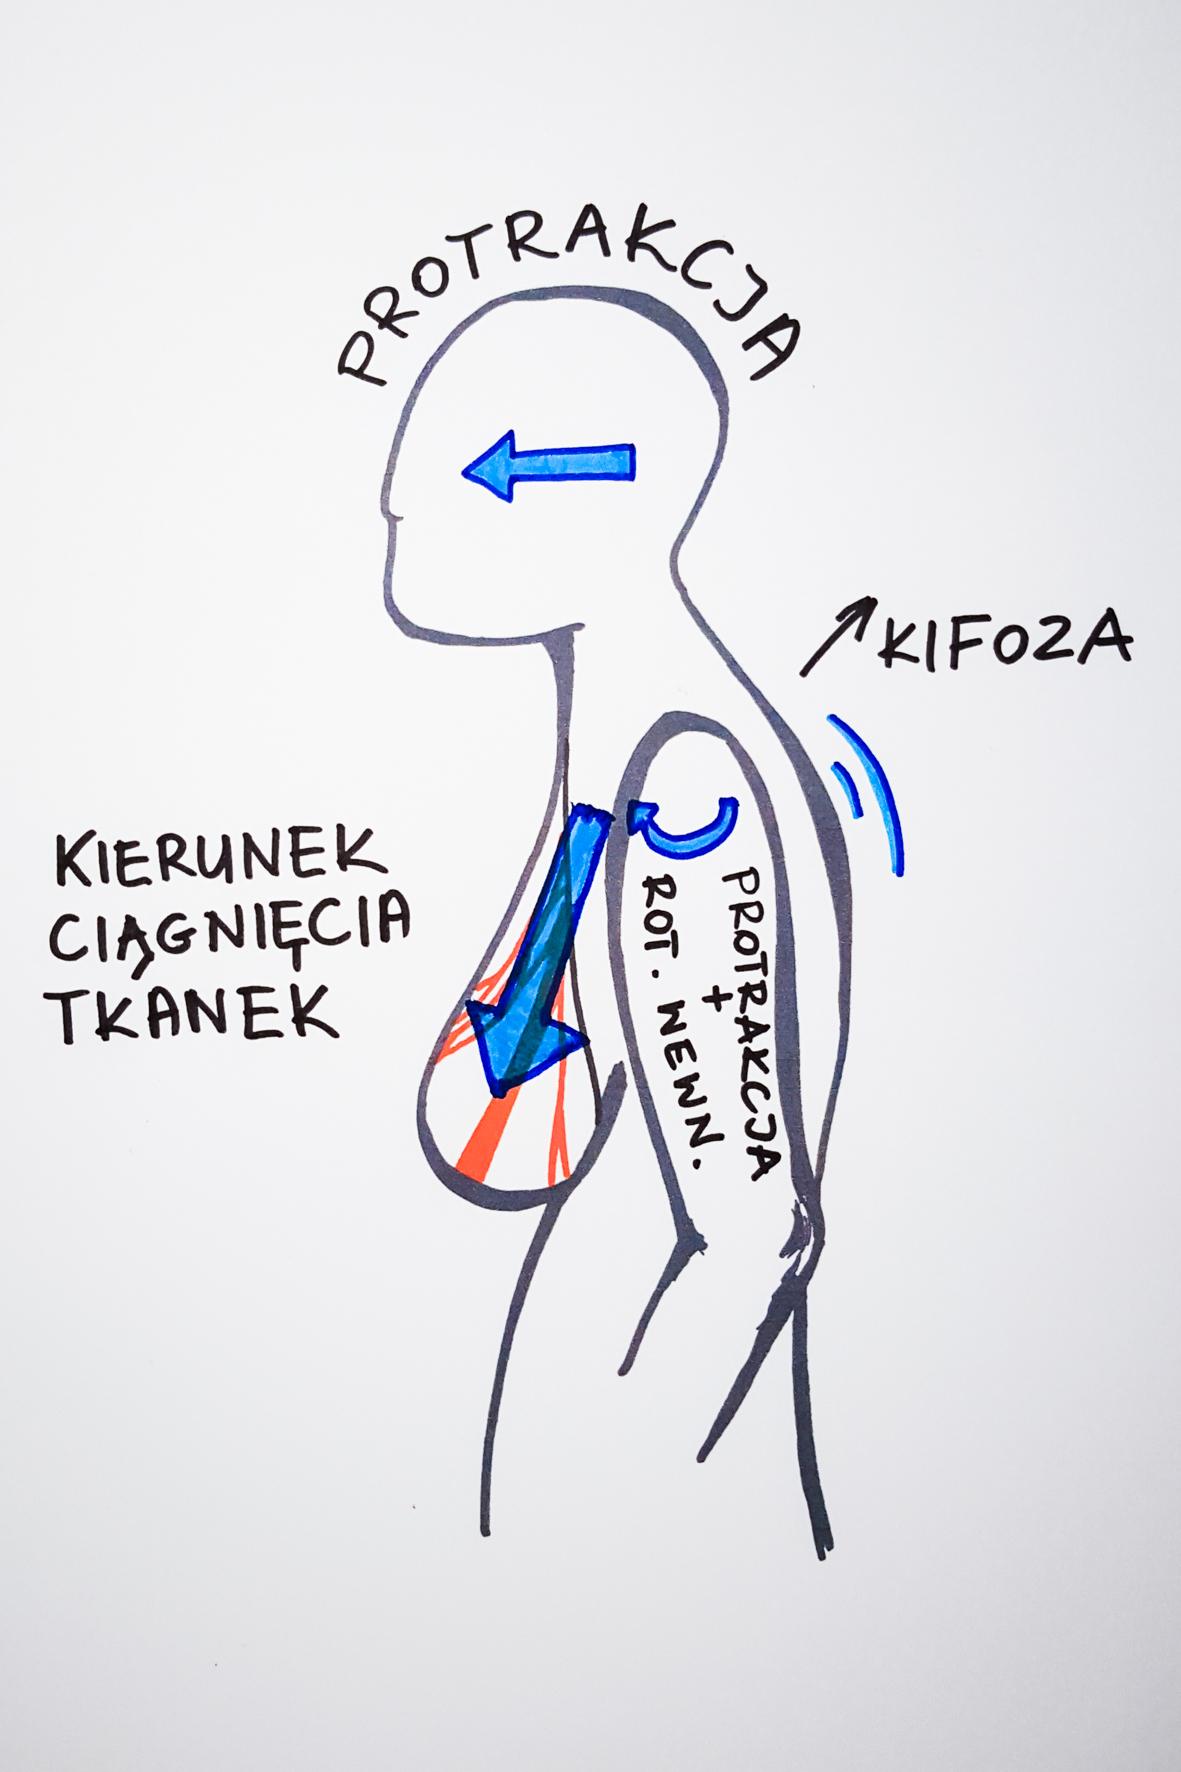 Zmiany mogące powstać w posturze ciała na skutek pociągania tkanek klatki piersiowej. Rycina przedstawia przygarbioną sylwetkę z piersiami, z zaznaczonymi kierunkami pociągania: piersi w dół, głowy w przód (protrakcja), ramienia w przód (protrakcja i rotacja wewnętrzna), plecy - zgarbienie (kifoza).